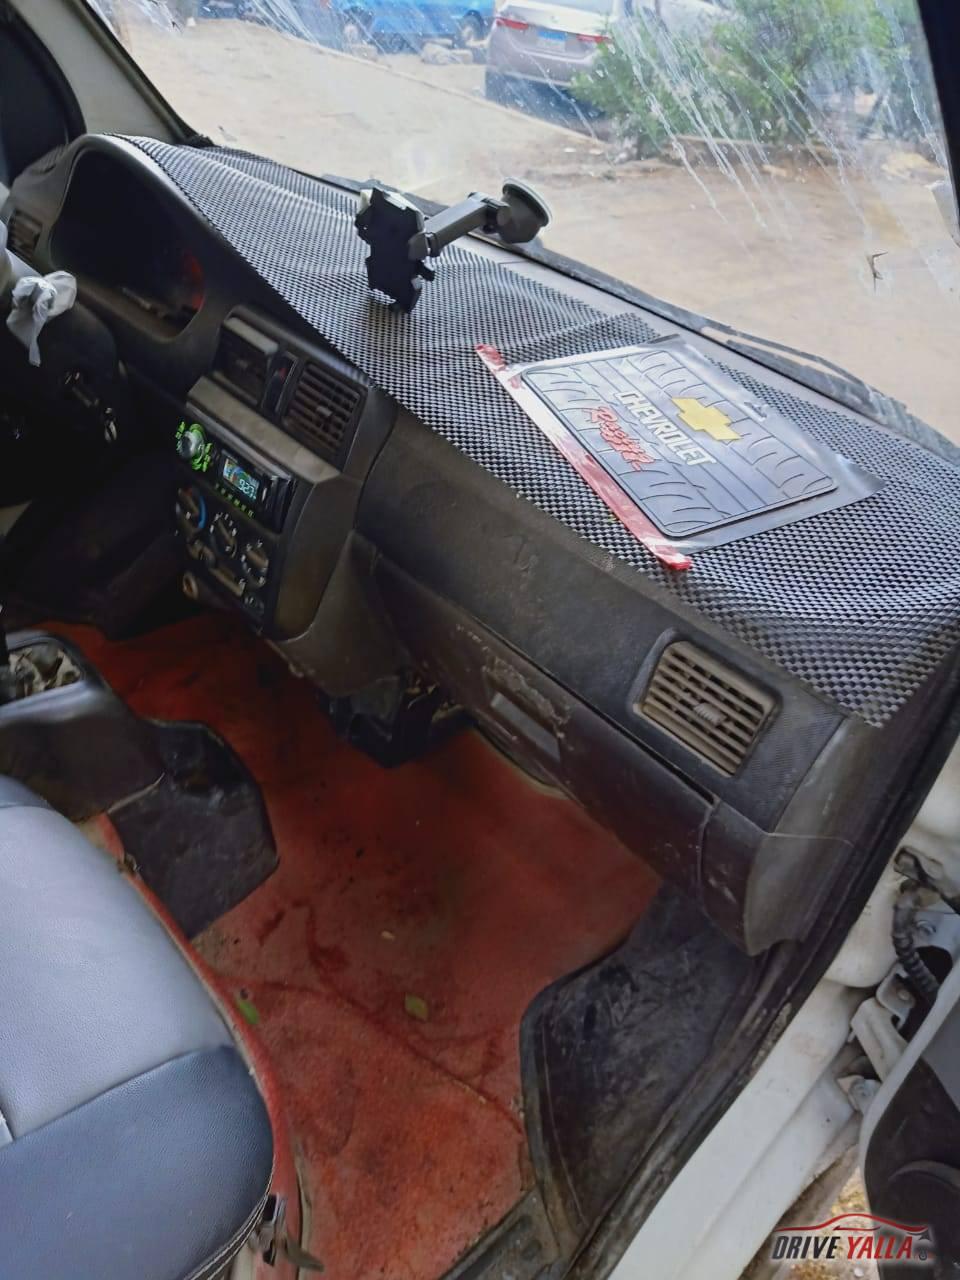 شيفرولية  n 300 مستعملة للبيع فى مصر 2014